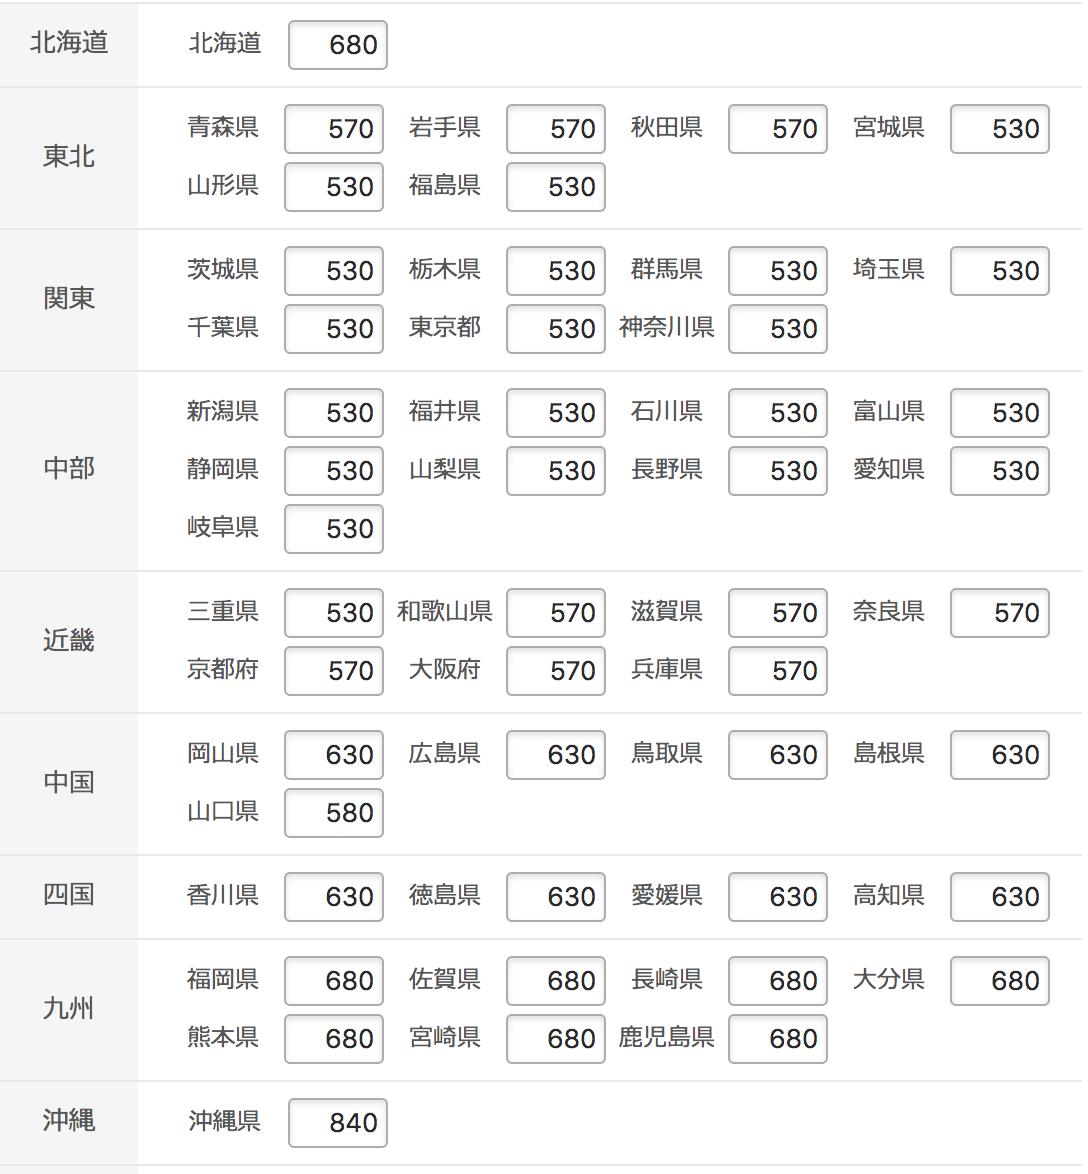 f:id:wazakkasui:20210511092858p:plain